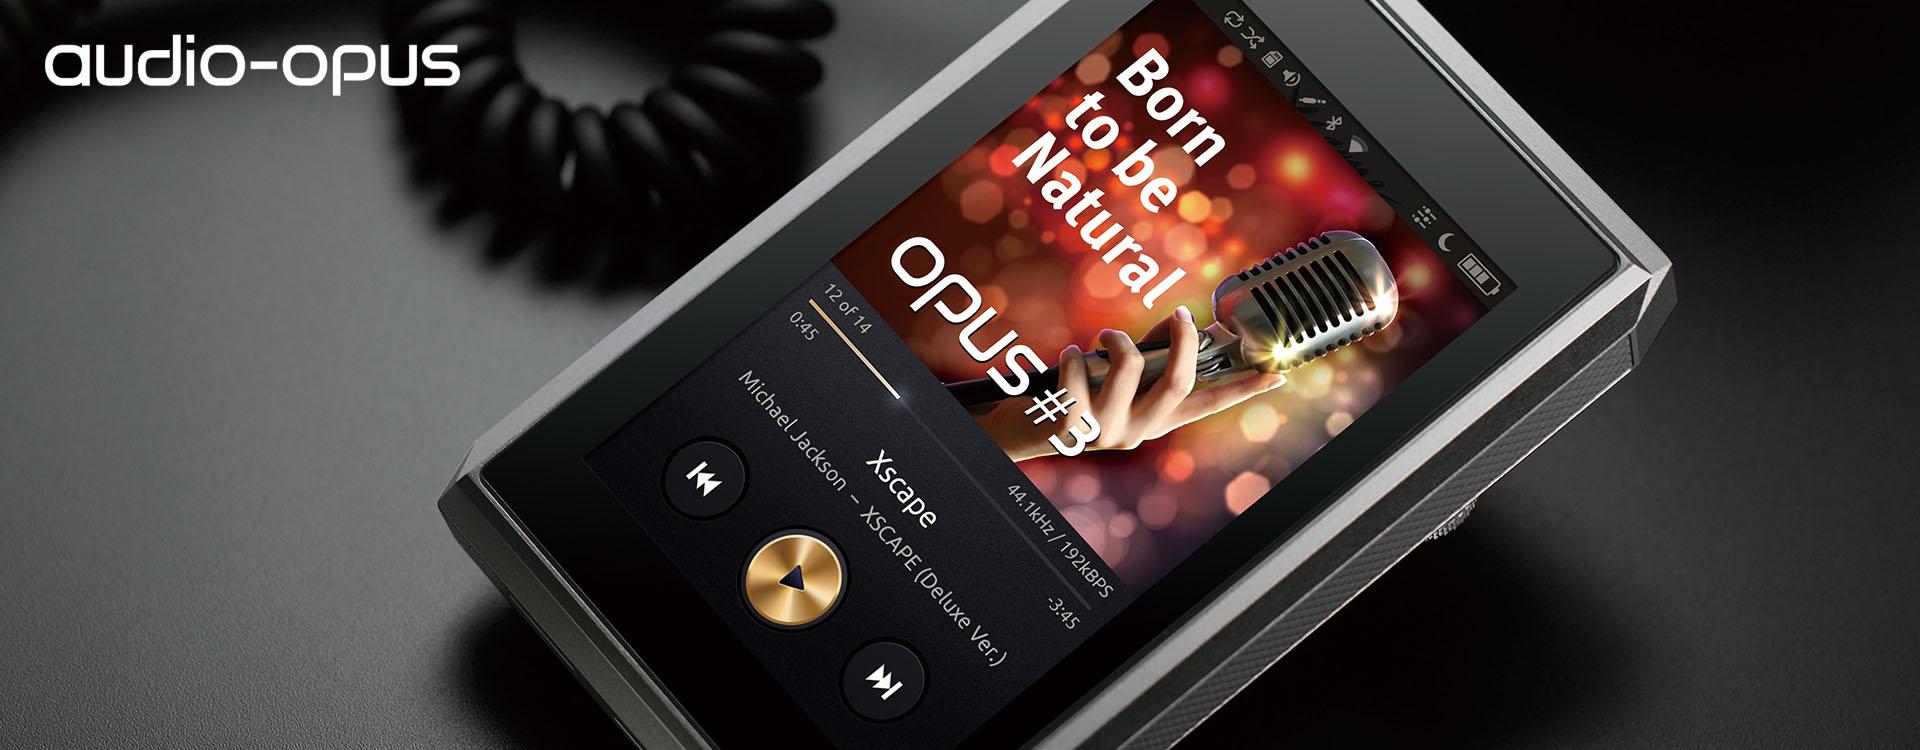 AudioOpus-brandslide02